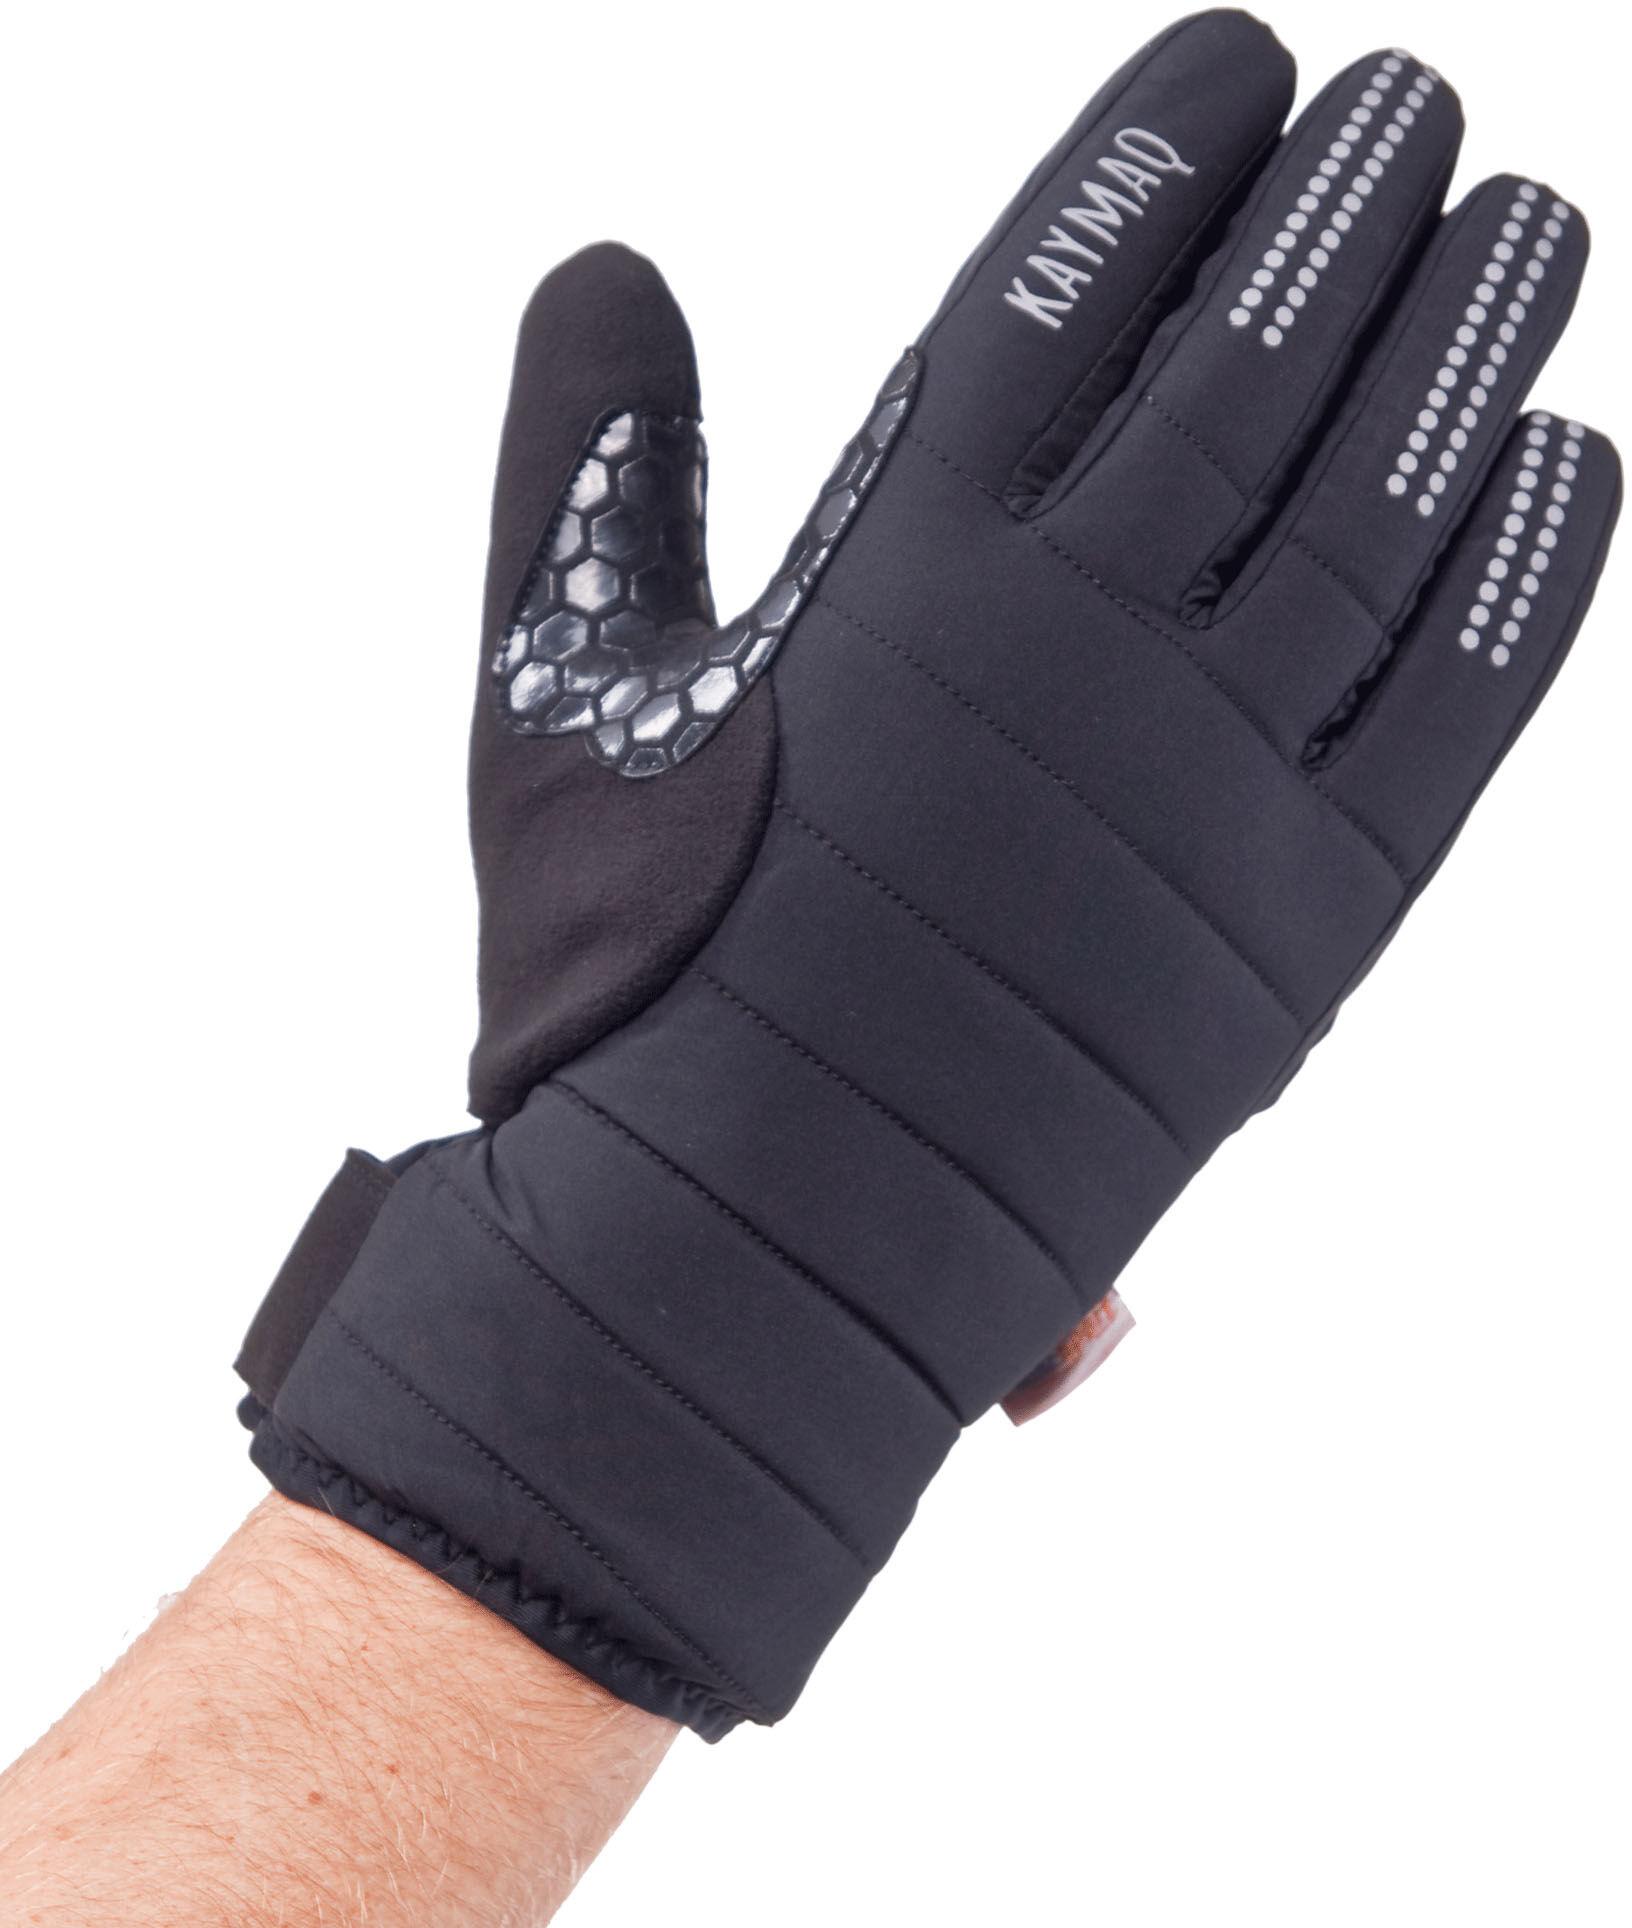 KAYMAQ zimowe rękawiczki rowerowe, czarny GLW-003 Rozmiar: XL,KaymaqGLW-003blk